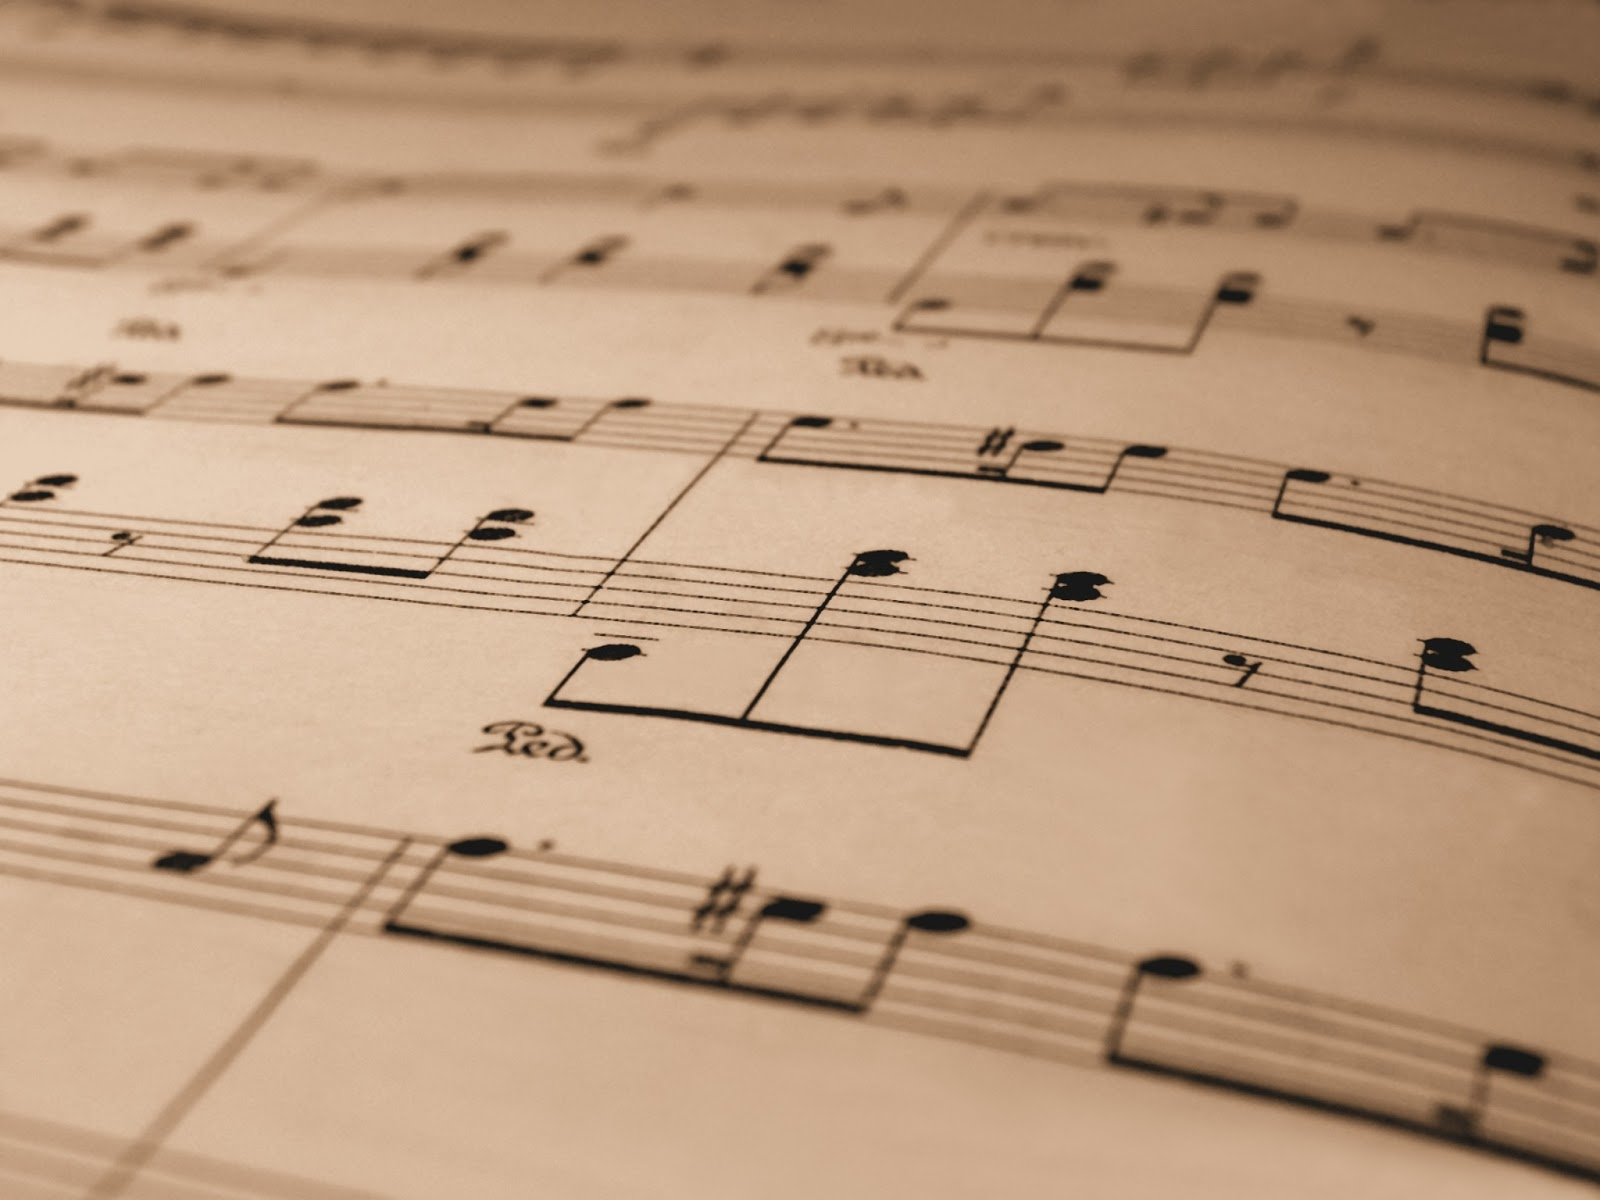 Olofonia olofonia e musica classica for Musica classica